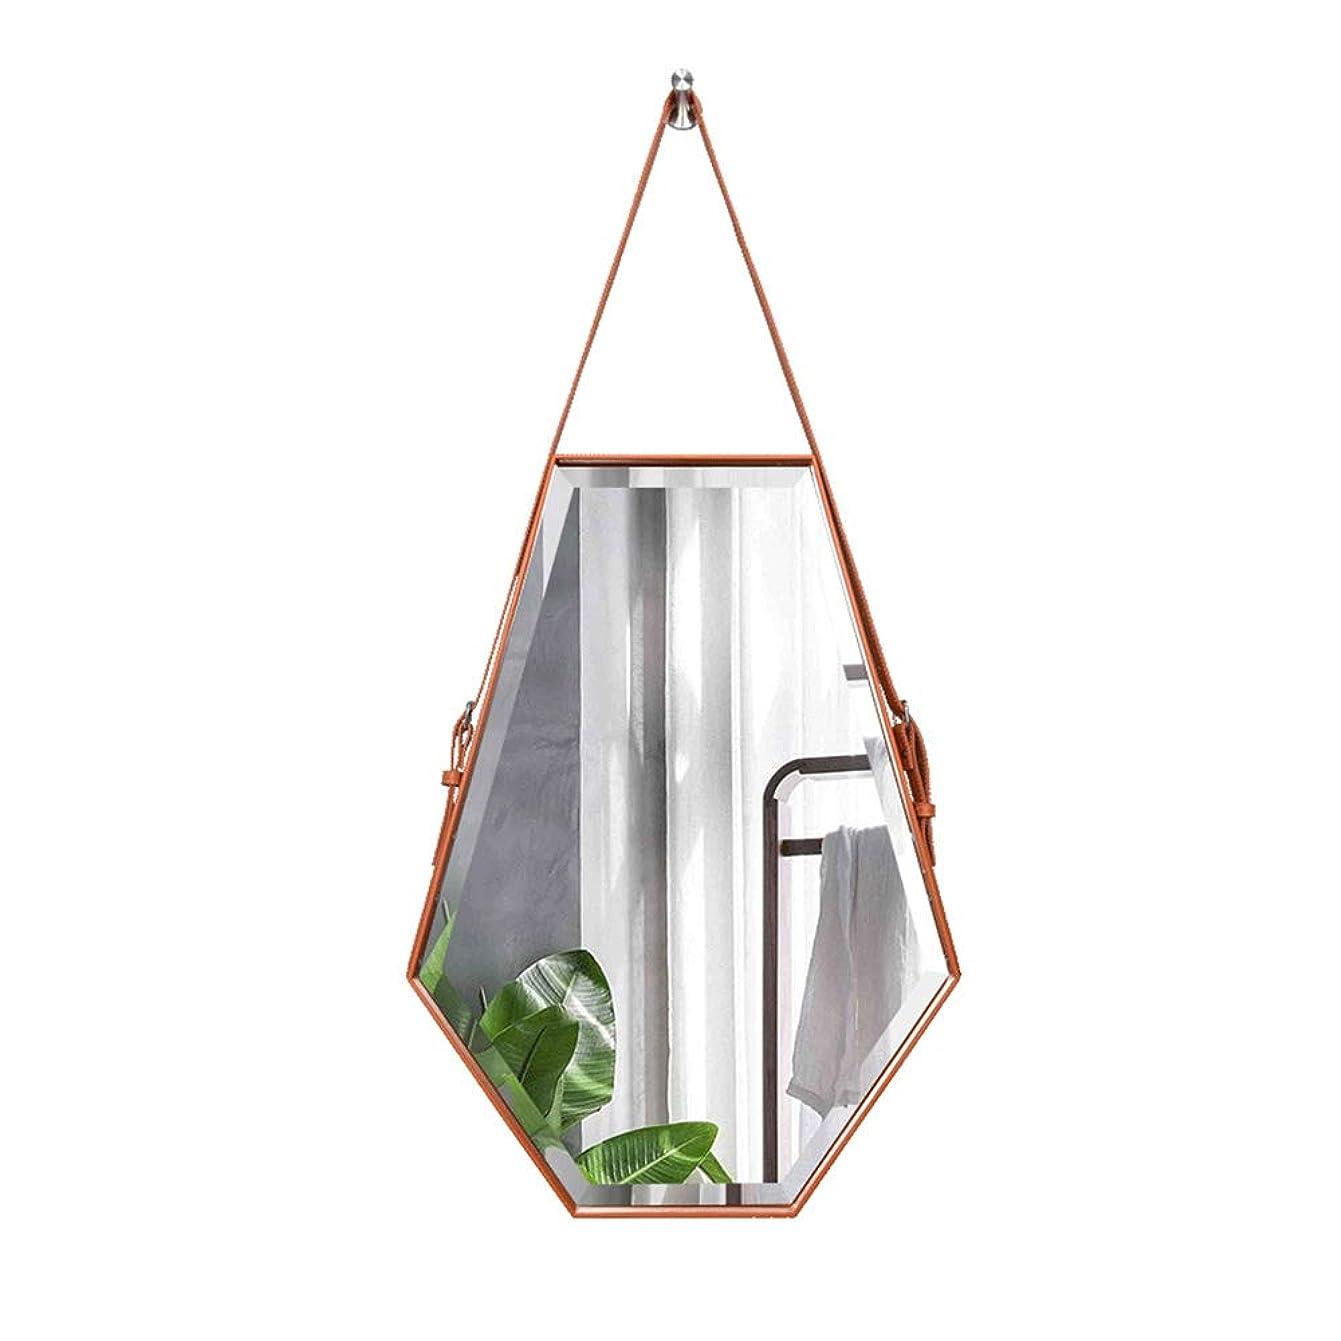 家禽バインド残り物バスルームの壁掛けミラー、50X70cm調整可能な人工皮革吊り鏡、北欧のミニマリストの六角形錬鉄フレーム、防爆バニティミラー、装飾的な廊下の入り口